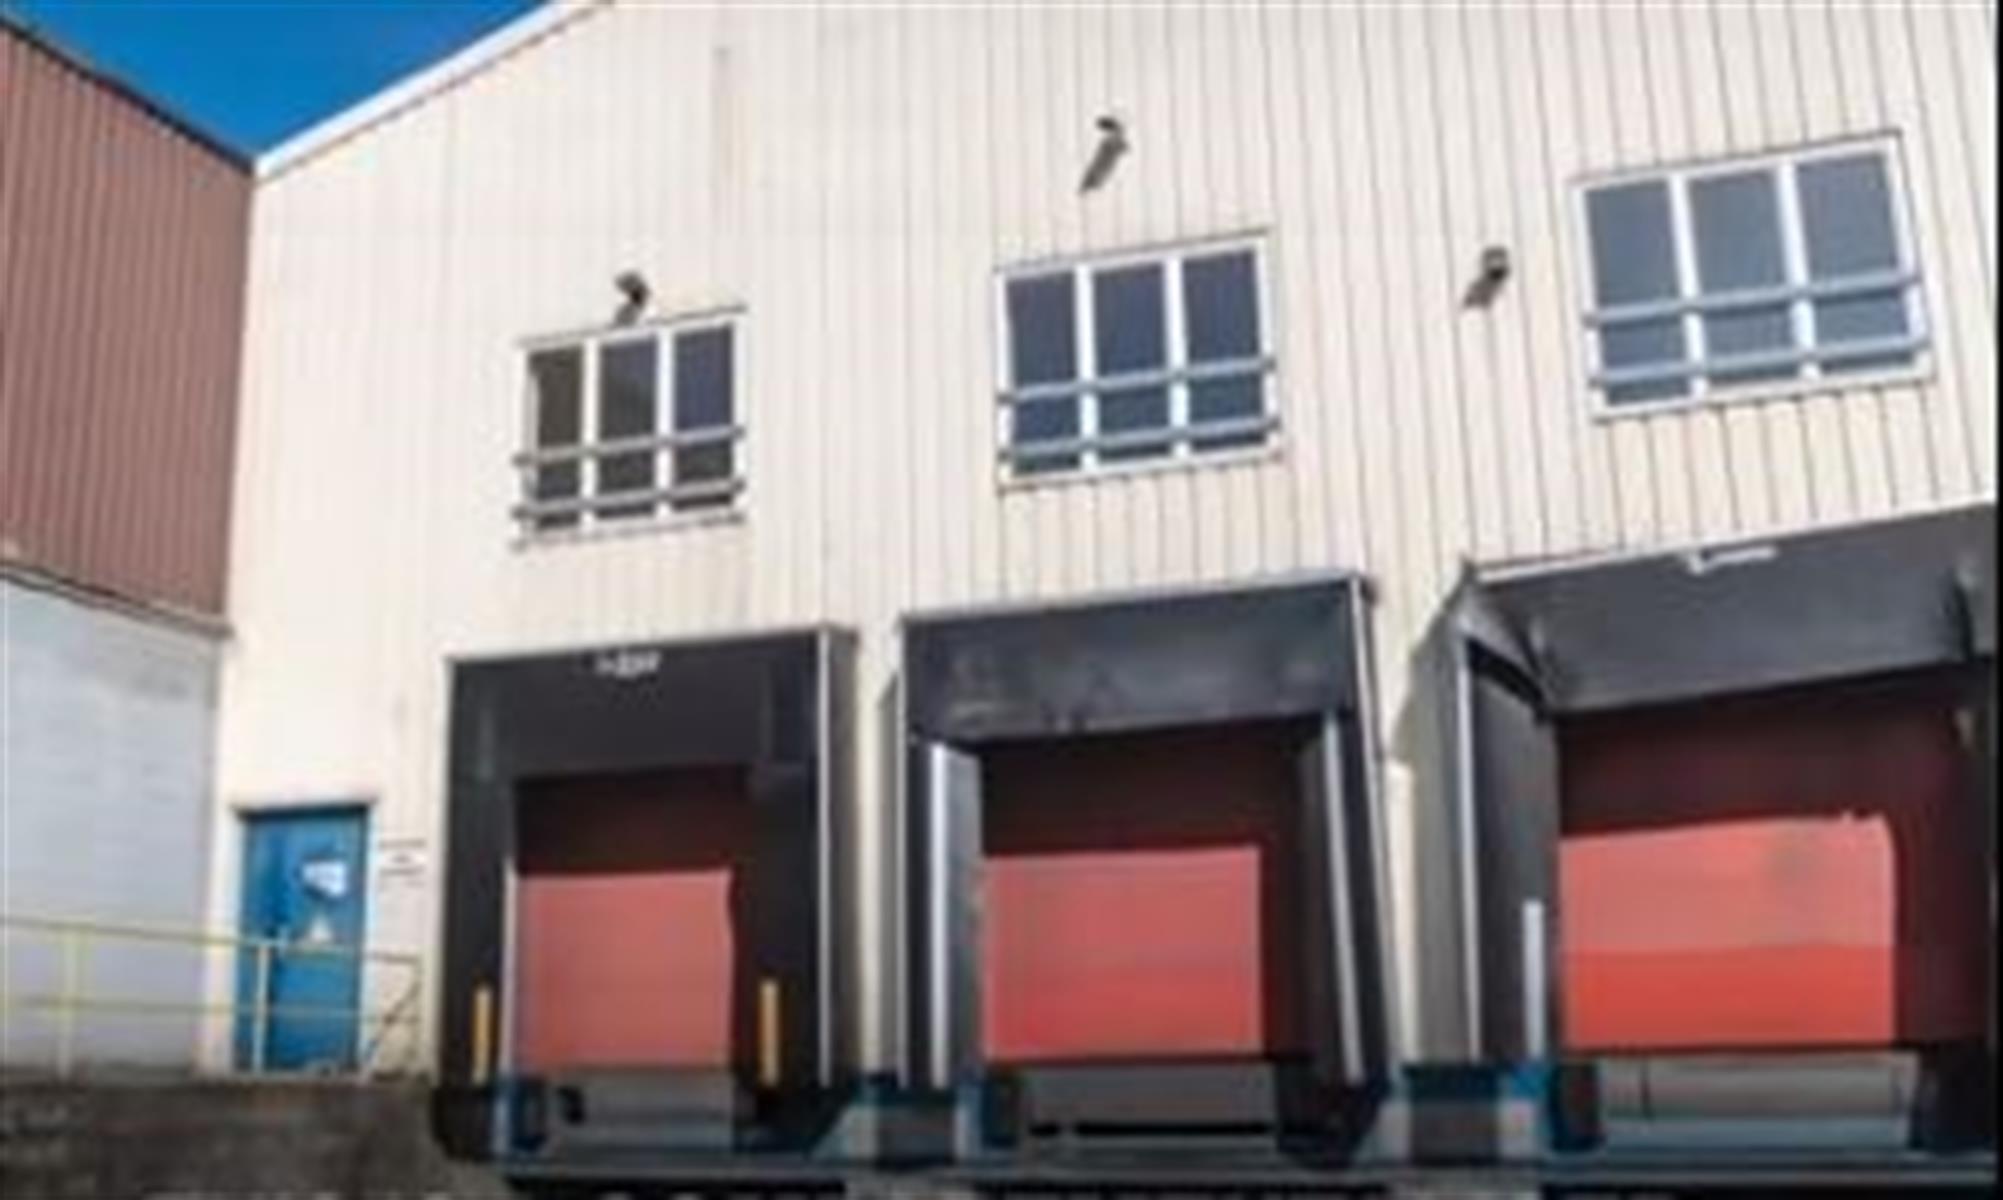 kantoren & magazijn te huur UNIT 3 : magazijn 1835m²  met twee loading docks, kantoor (512 m²) Willem Elsschotstraat 1